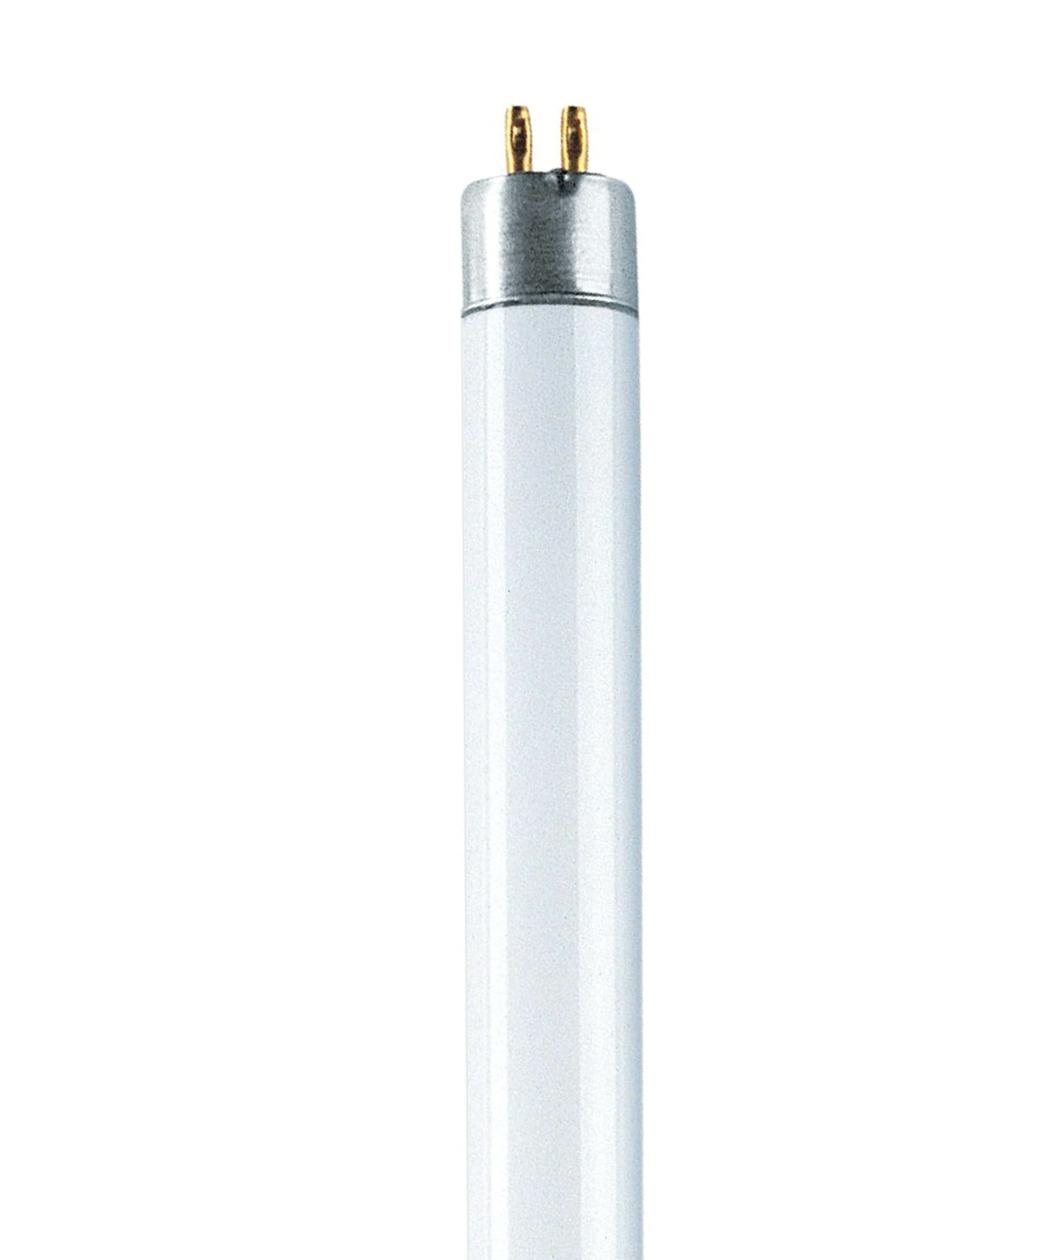 1 Stk T16 14W/827 G5 FLH1 Leuchtstofflampe 16mm Einzelverpackt LI5W645919